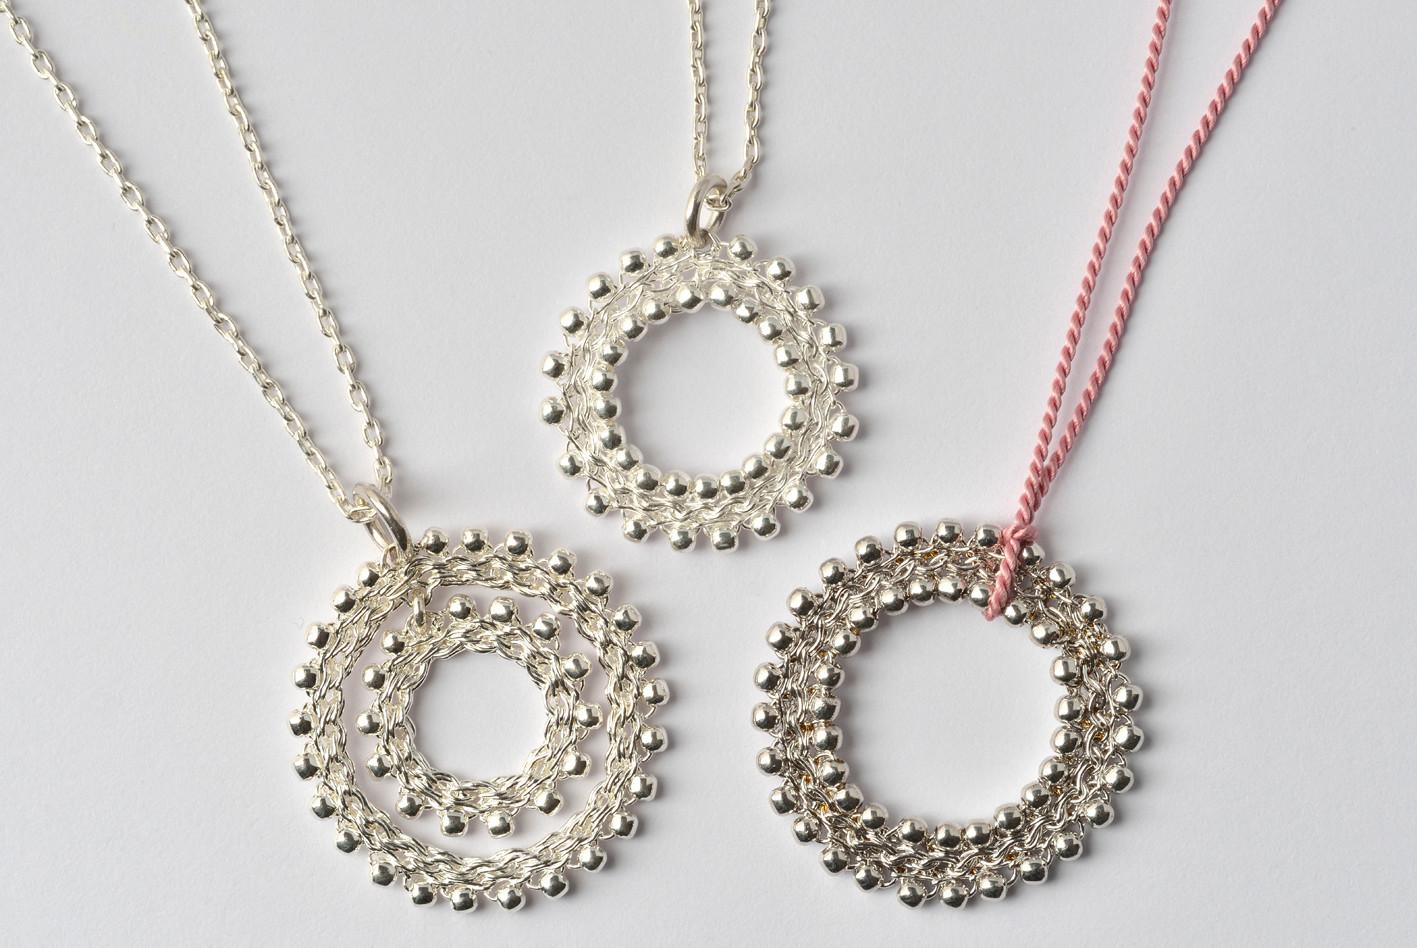 Anhängerscheiben mit beweglichem Innenteil Silber, Doppelperlchen breiter Rand Silber, rhodiniert